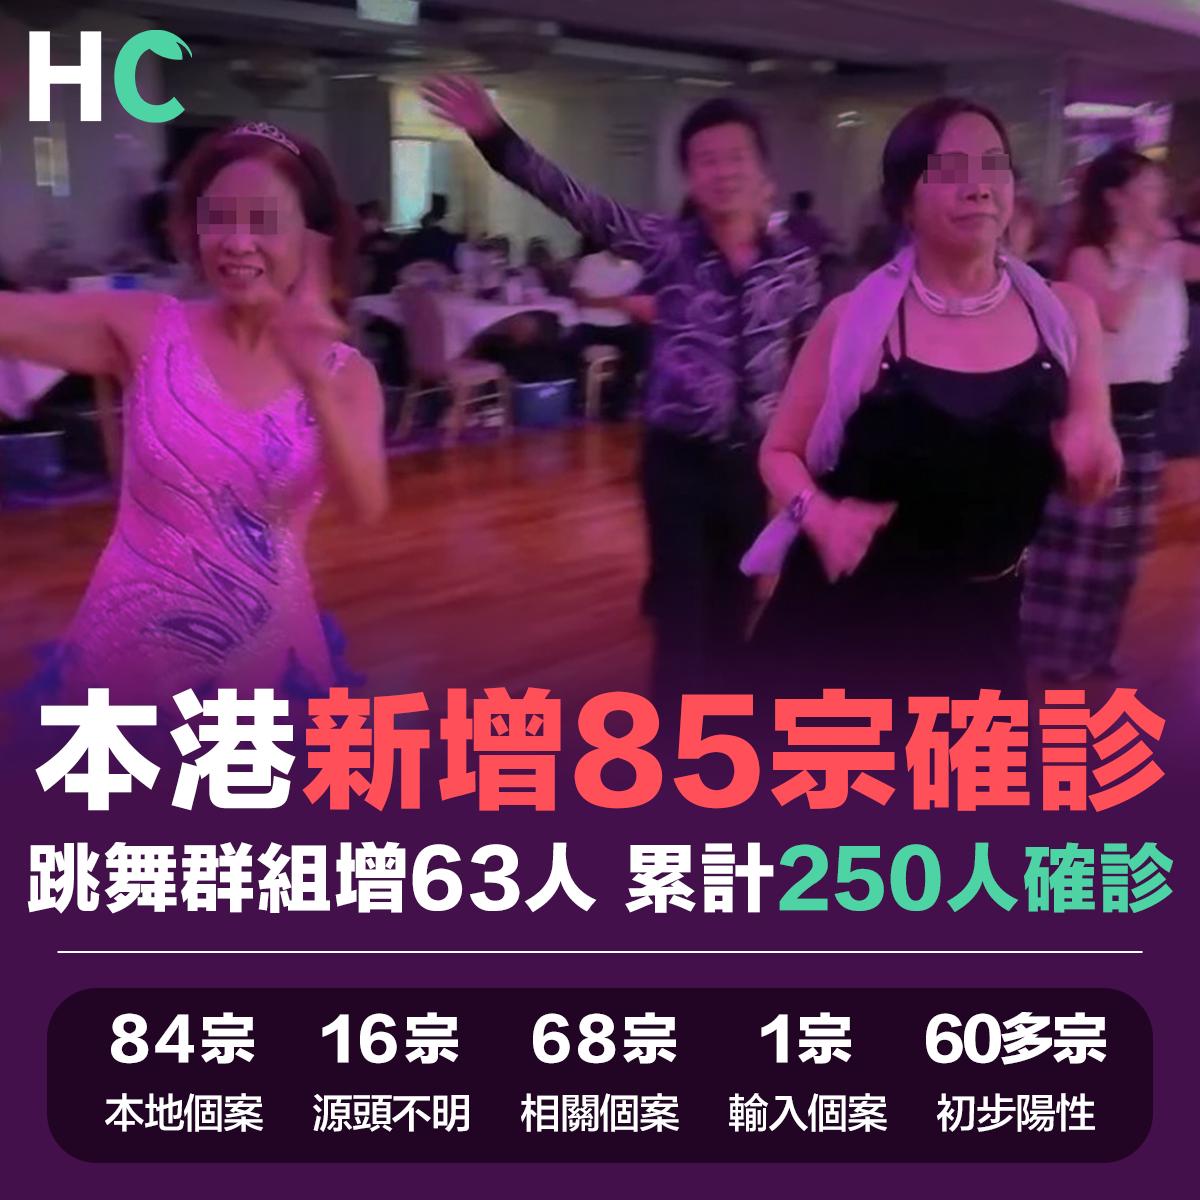 本港新增85宗確診 跳舞群組累計250人確診